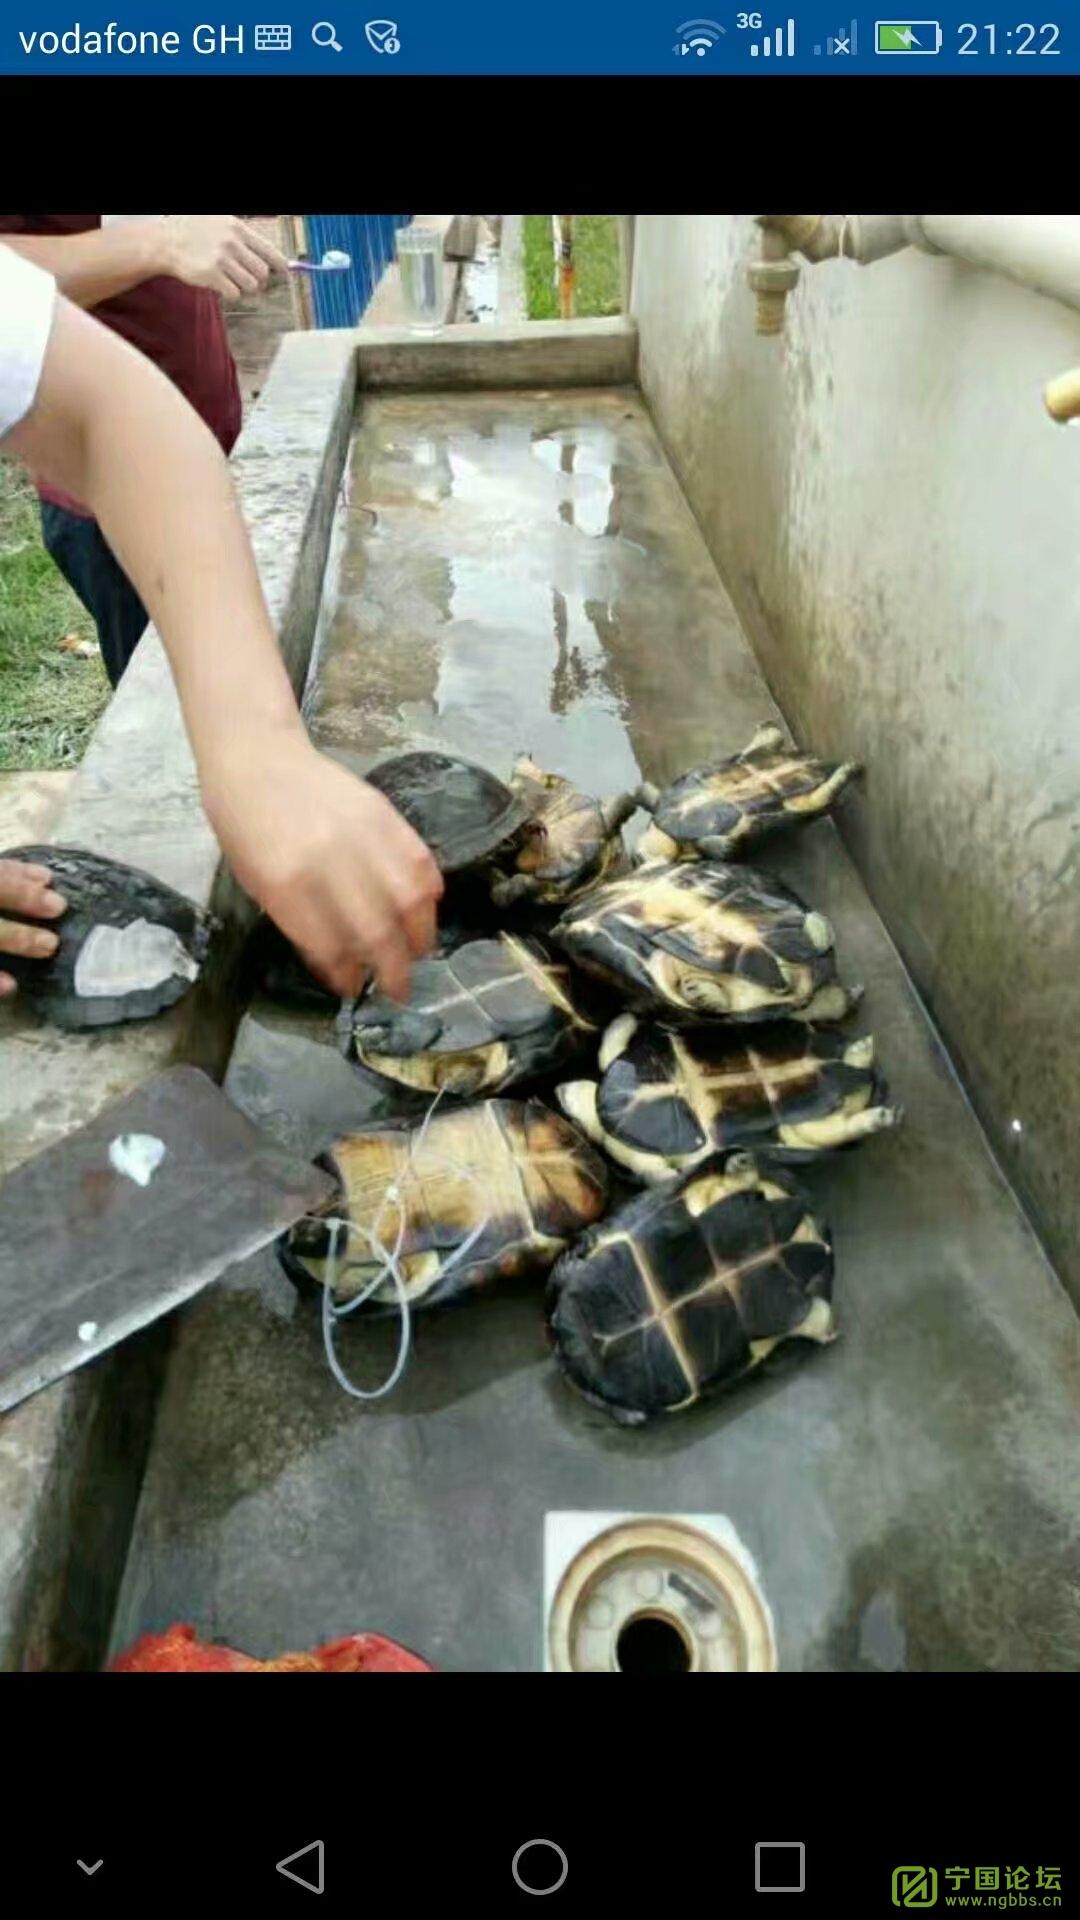 加纳风光-好久没发了 - 宁国论坛 - 乌龟太多了